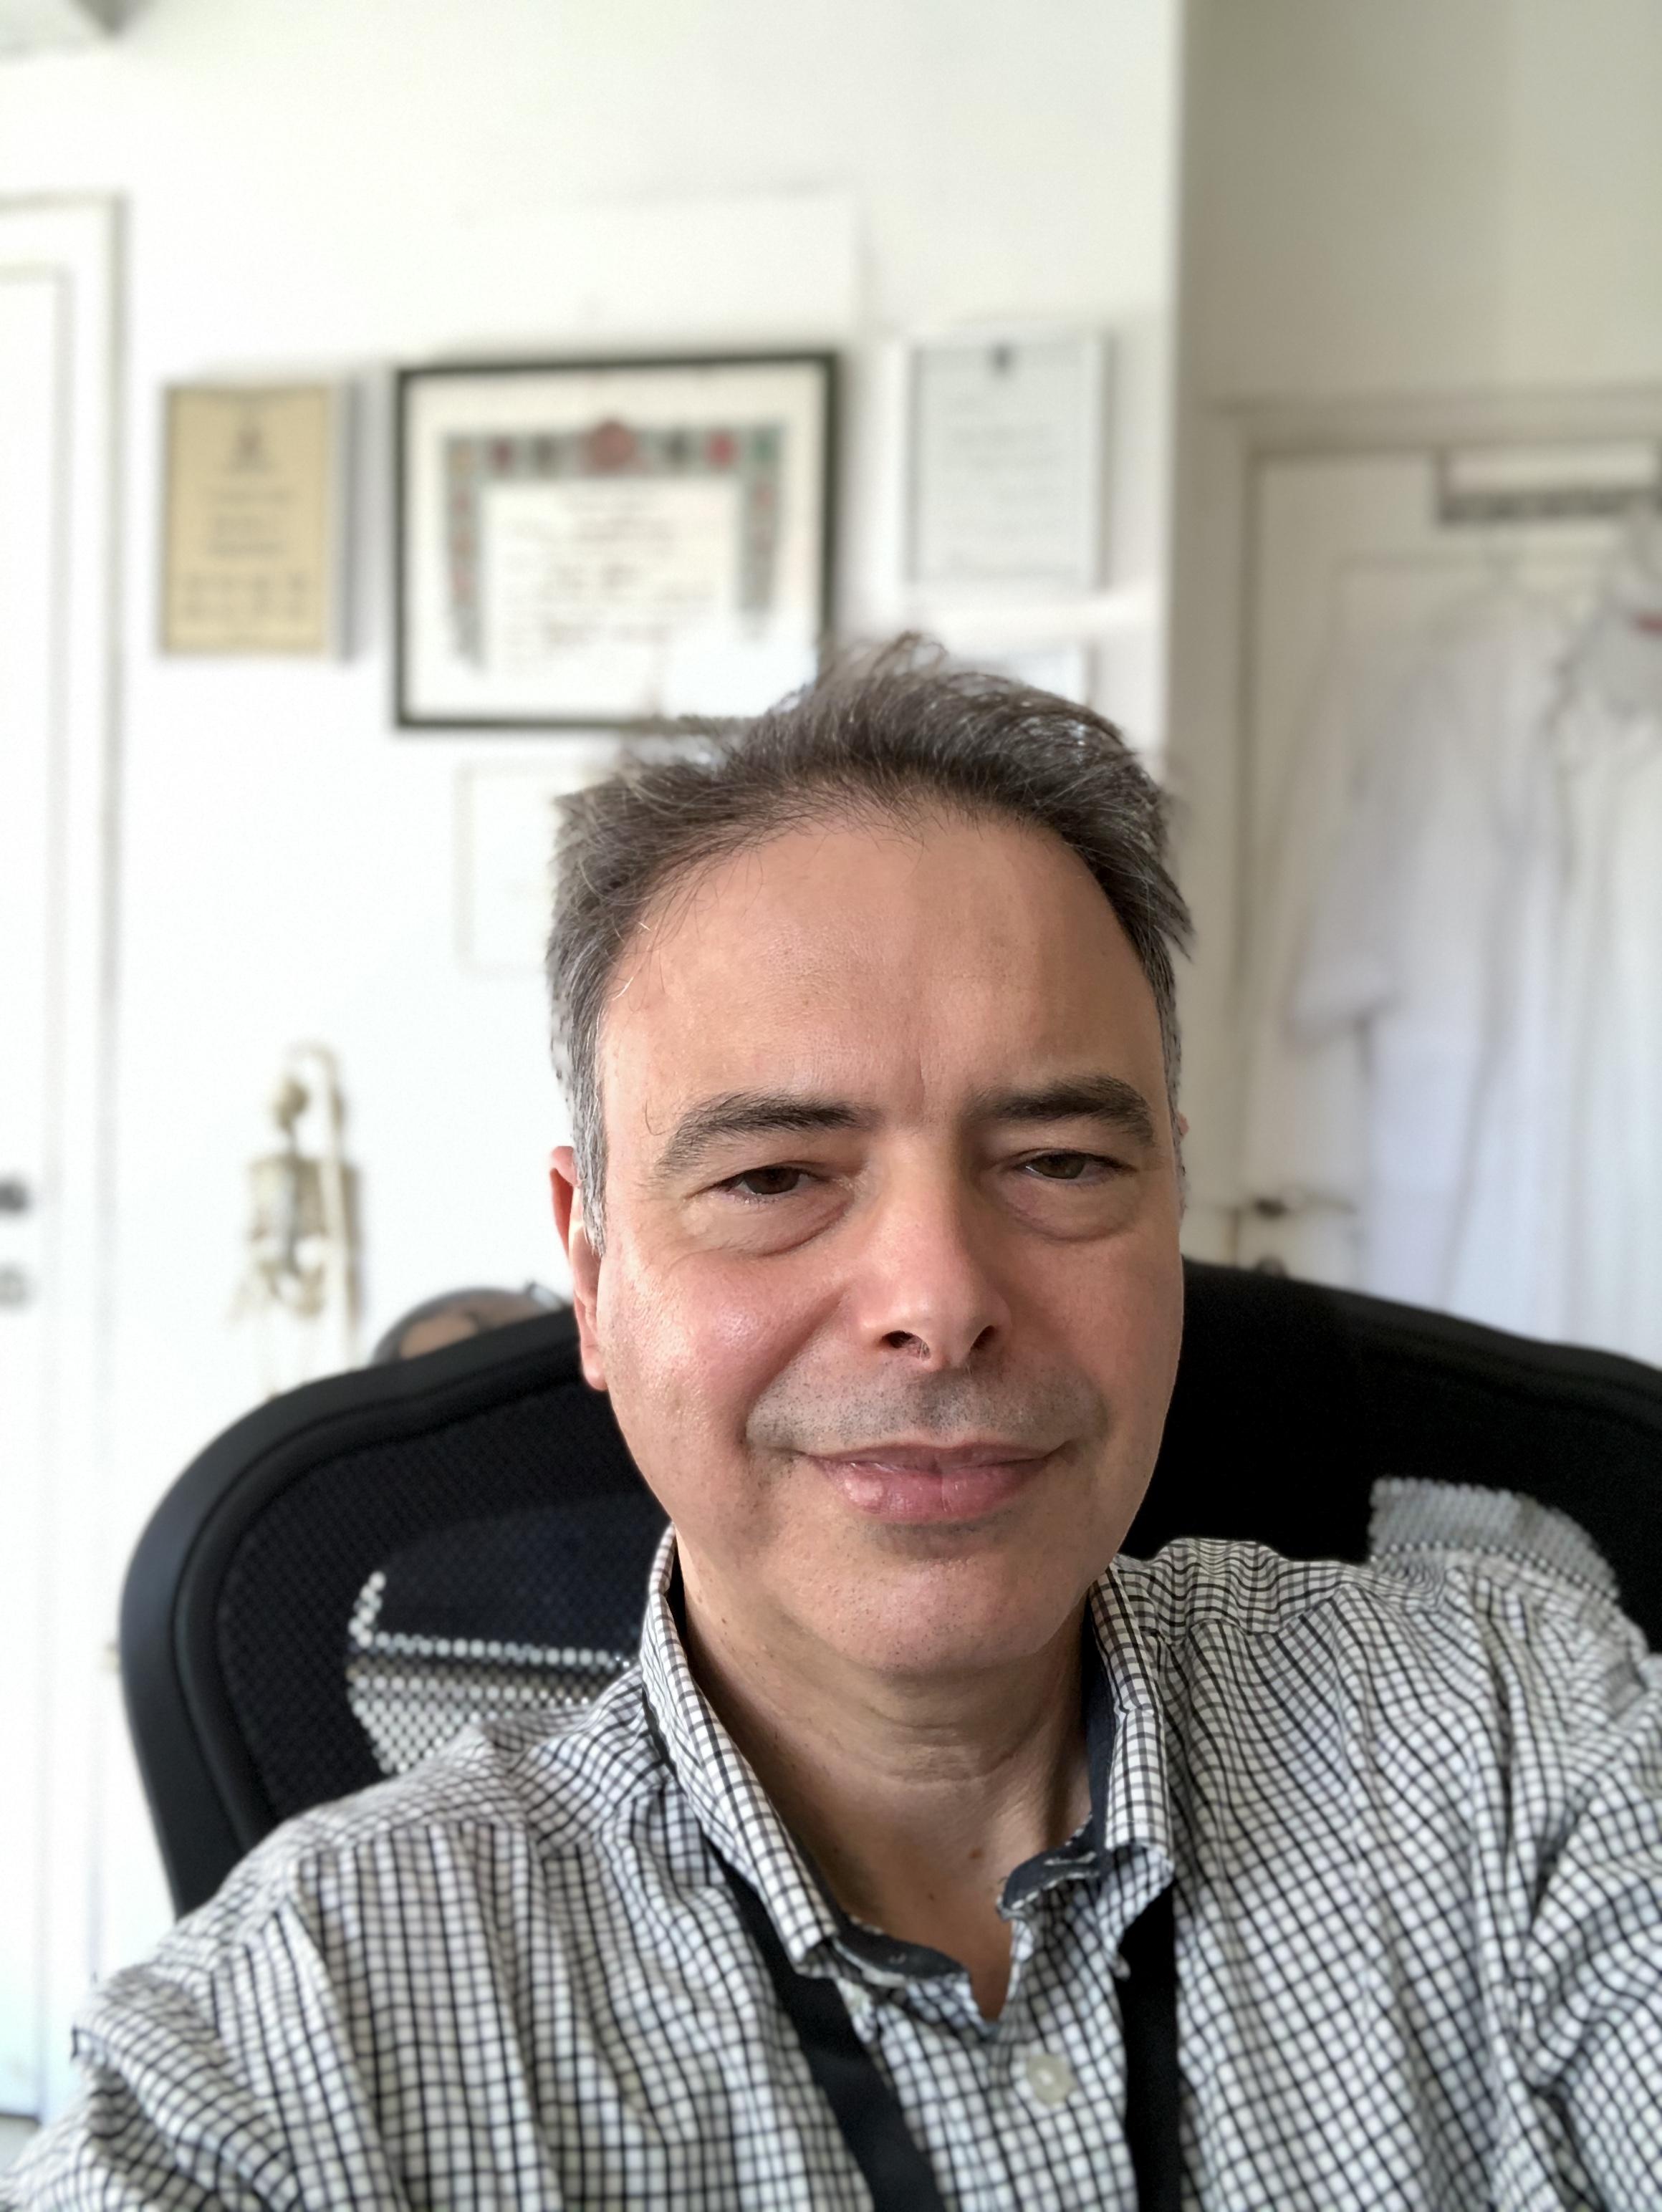 """ד""""ר אלון קובו מומחה בכירורגיה של היד, מומחה בכירורגיה אורתופדית"""